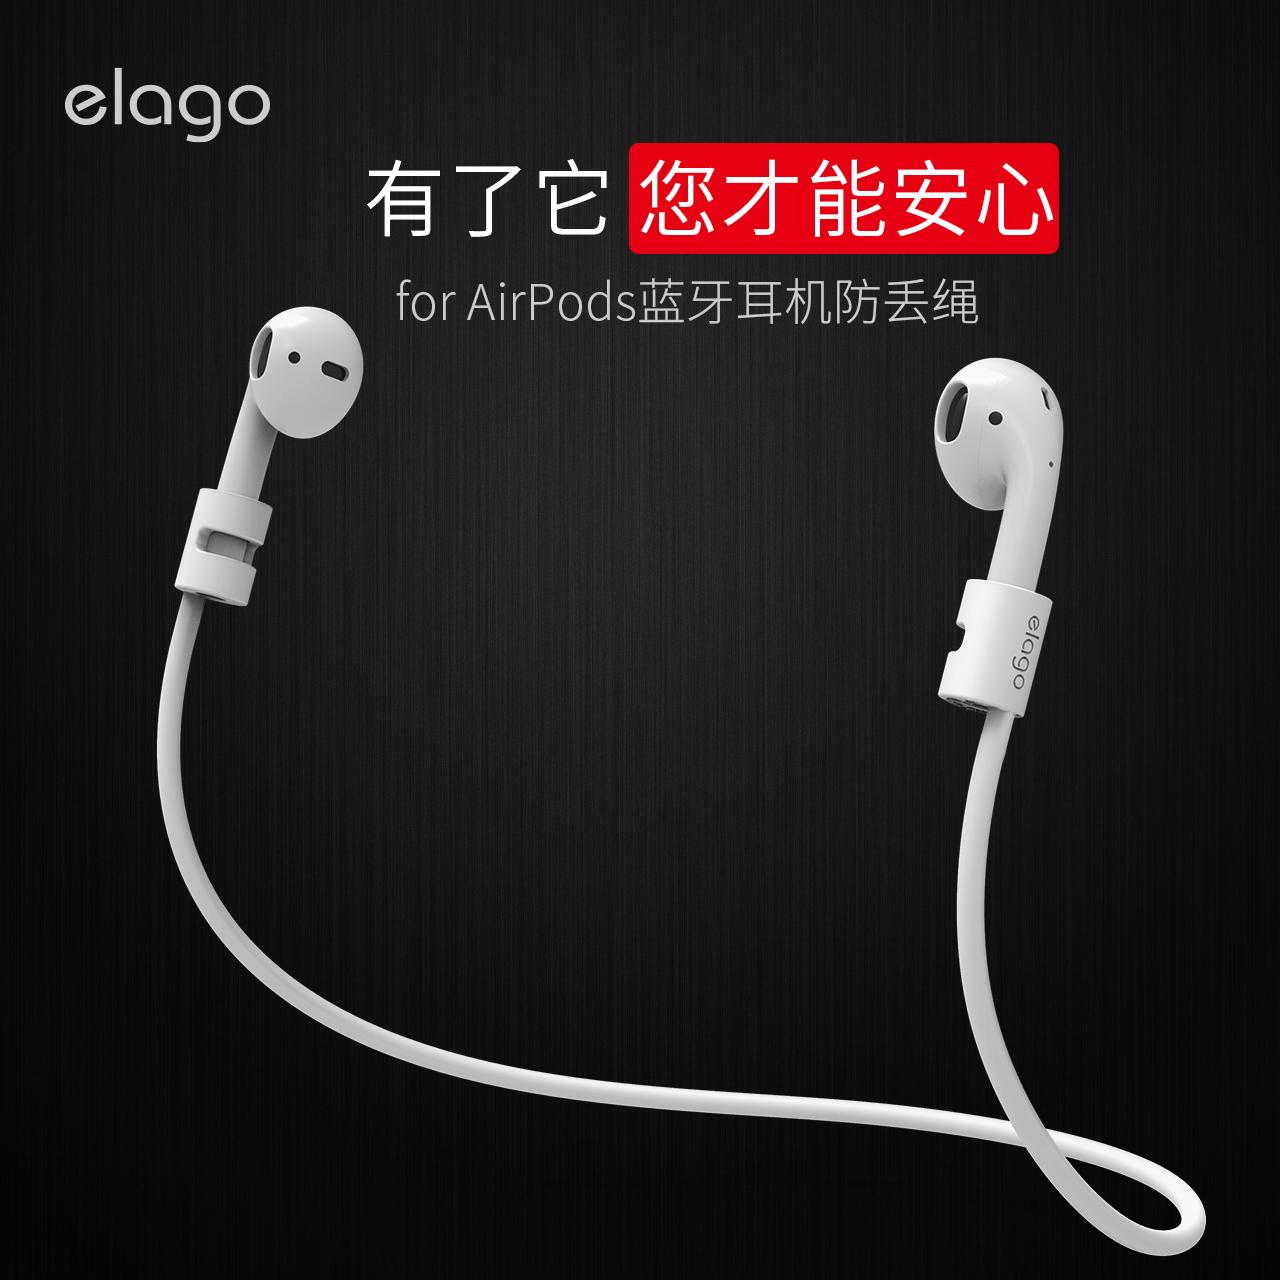 韓國elago適用二代Airpods2防丟繩airPods pro連接線2蘋果無線藍牙耳機防丟繩strap防脫落防滑潮防